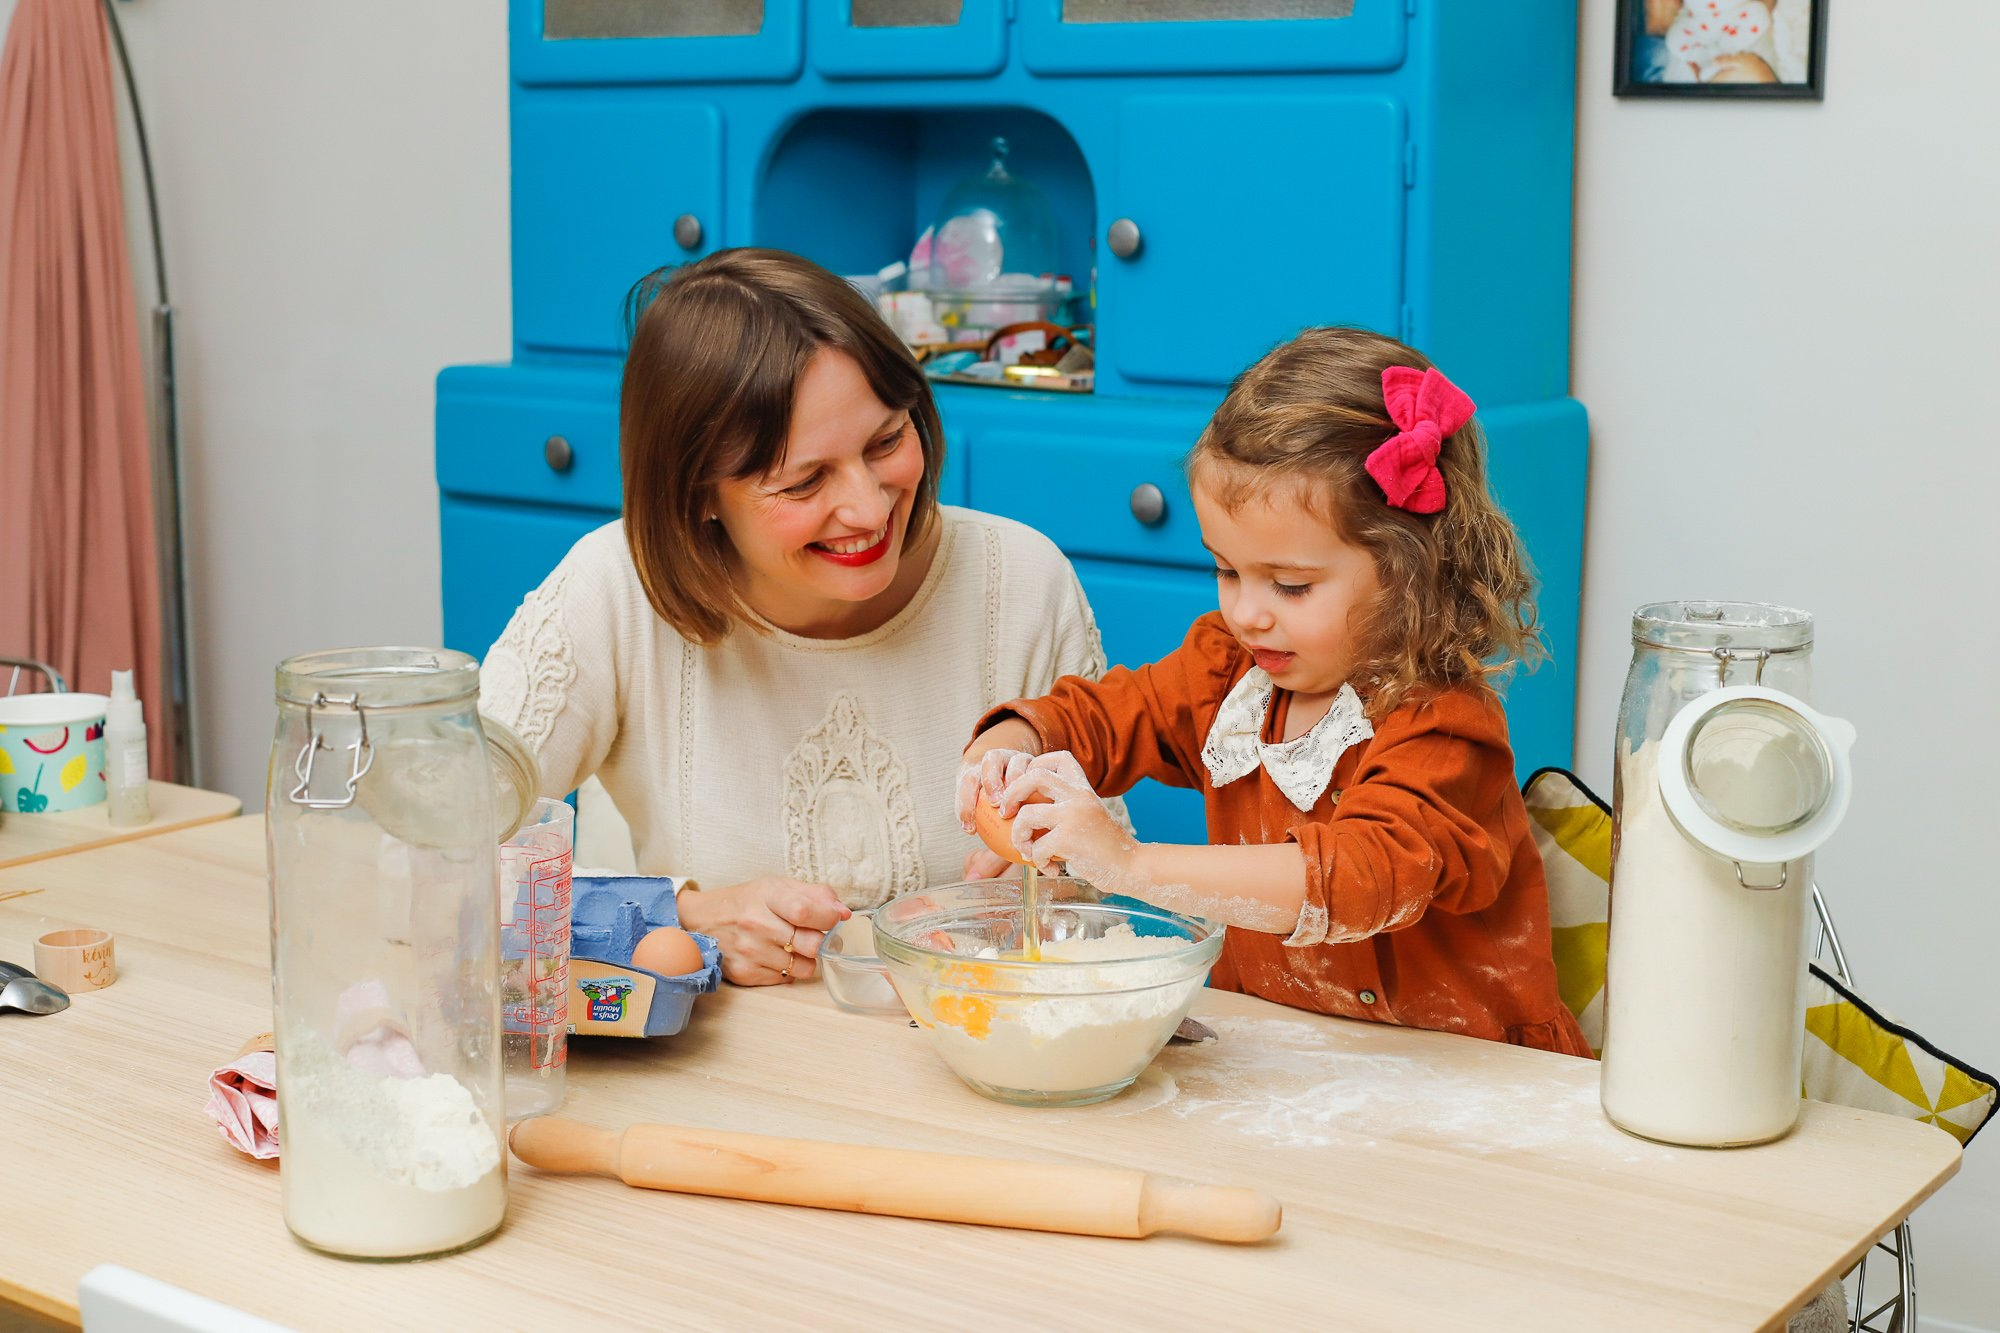 recette pâtes fraiches maison en famille